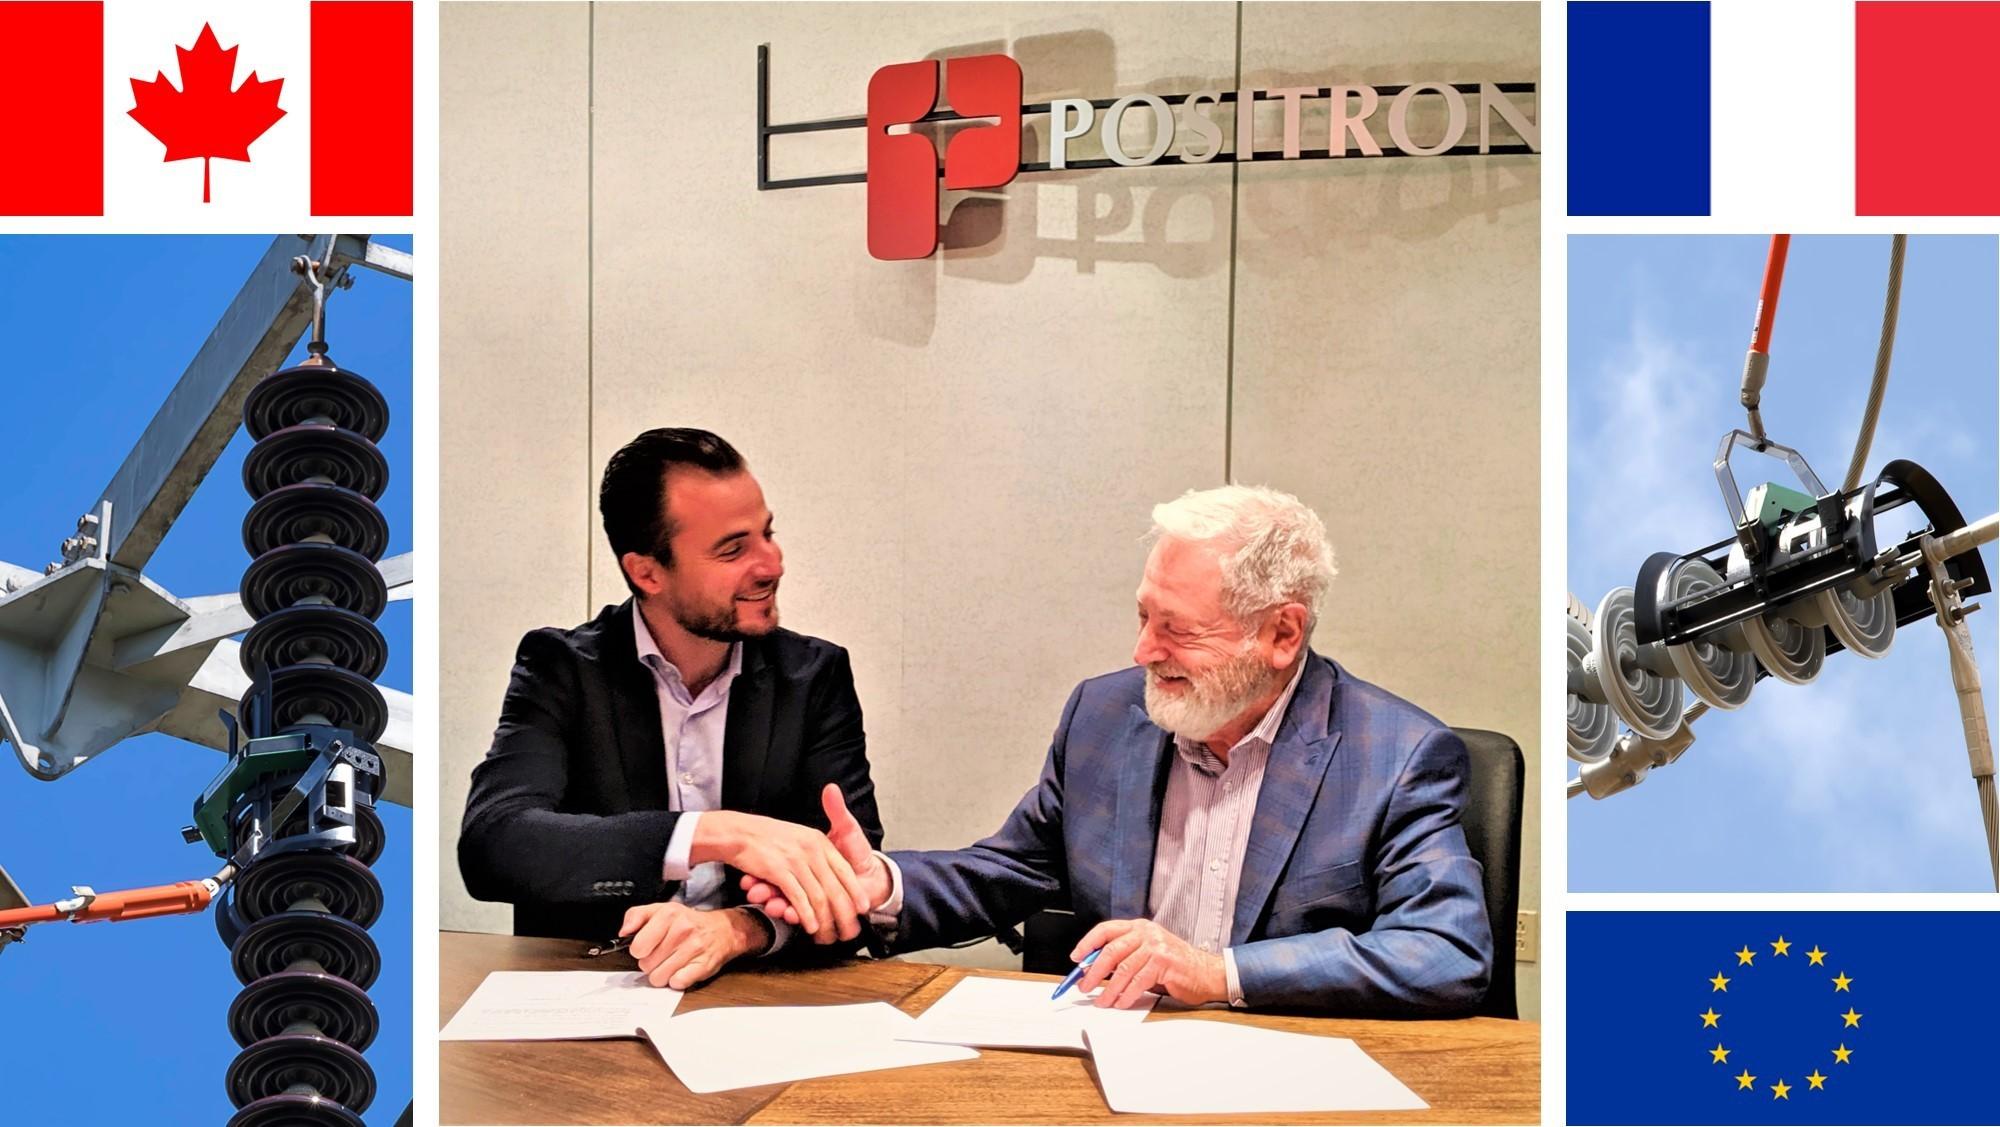 COMMUNIQUÉ DE PRESSE: CIGRE 2019 POSITRON et SANERGRID signent un partenariat de distribution